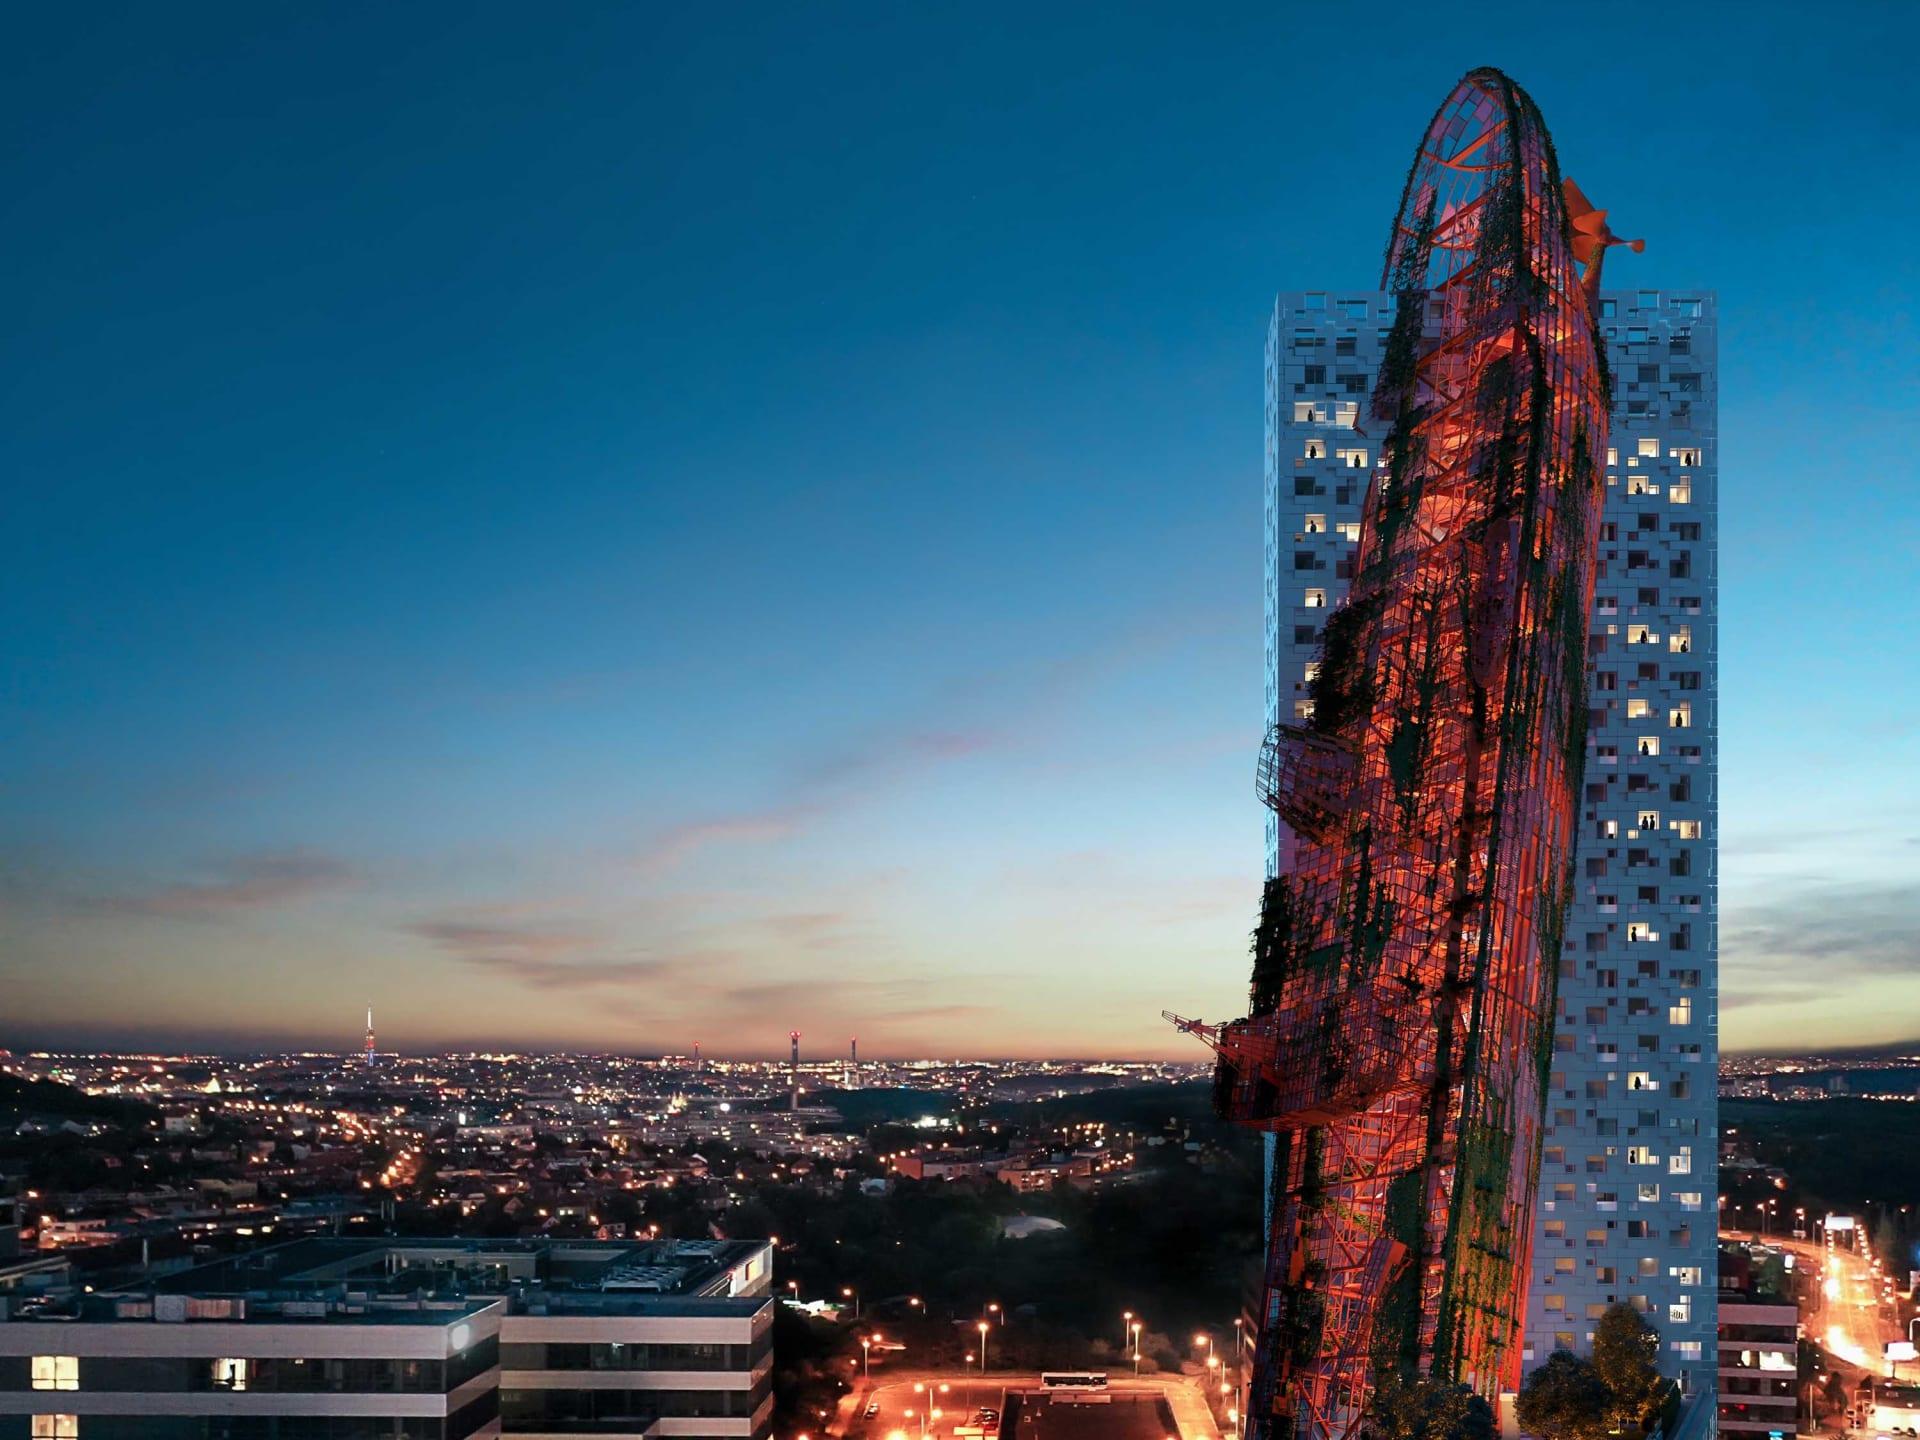 يشبه ناقلة نفط مدمرة..بناء مثي للجدل وسط مدينة براغ فما قصته؟